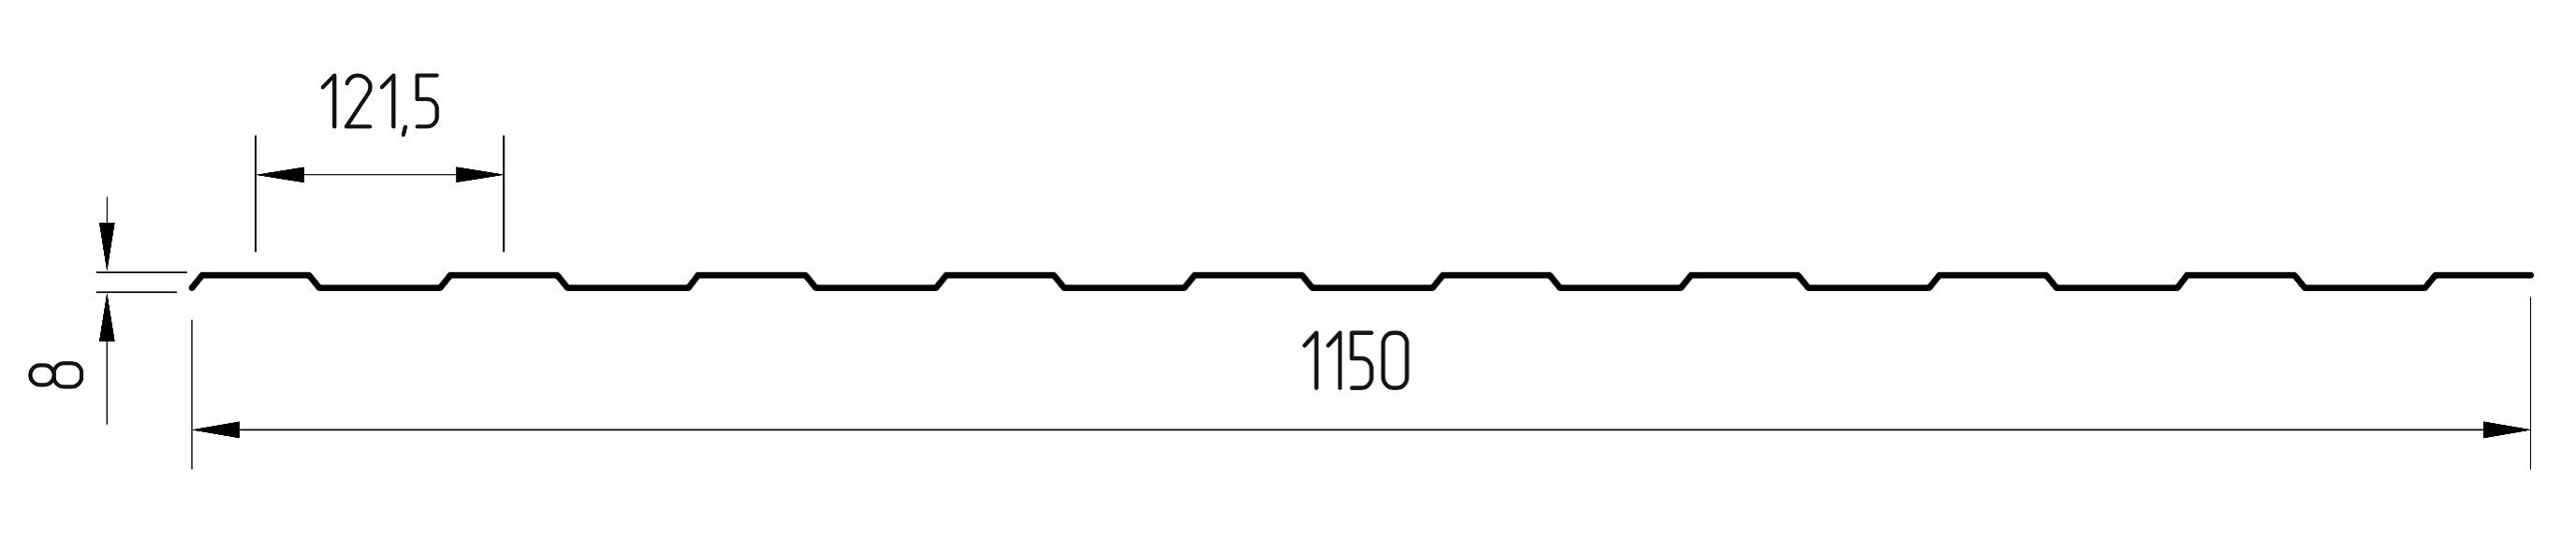 Форма трапеции монолитного поликарбоната «ПЛАСТИЛЮКС ДЛЯ ТЕПЛИЦ»